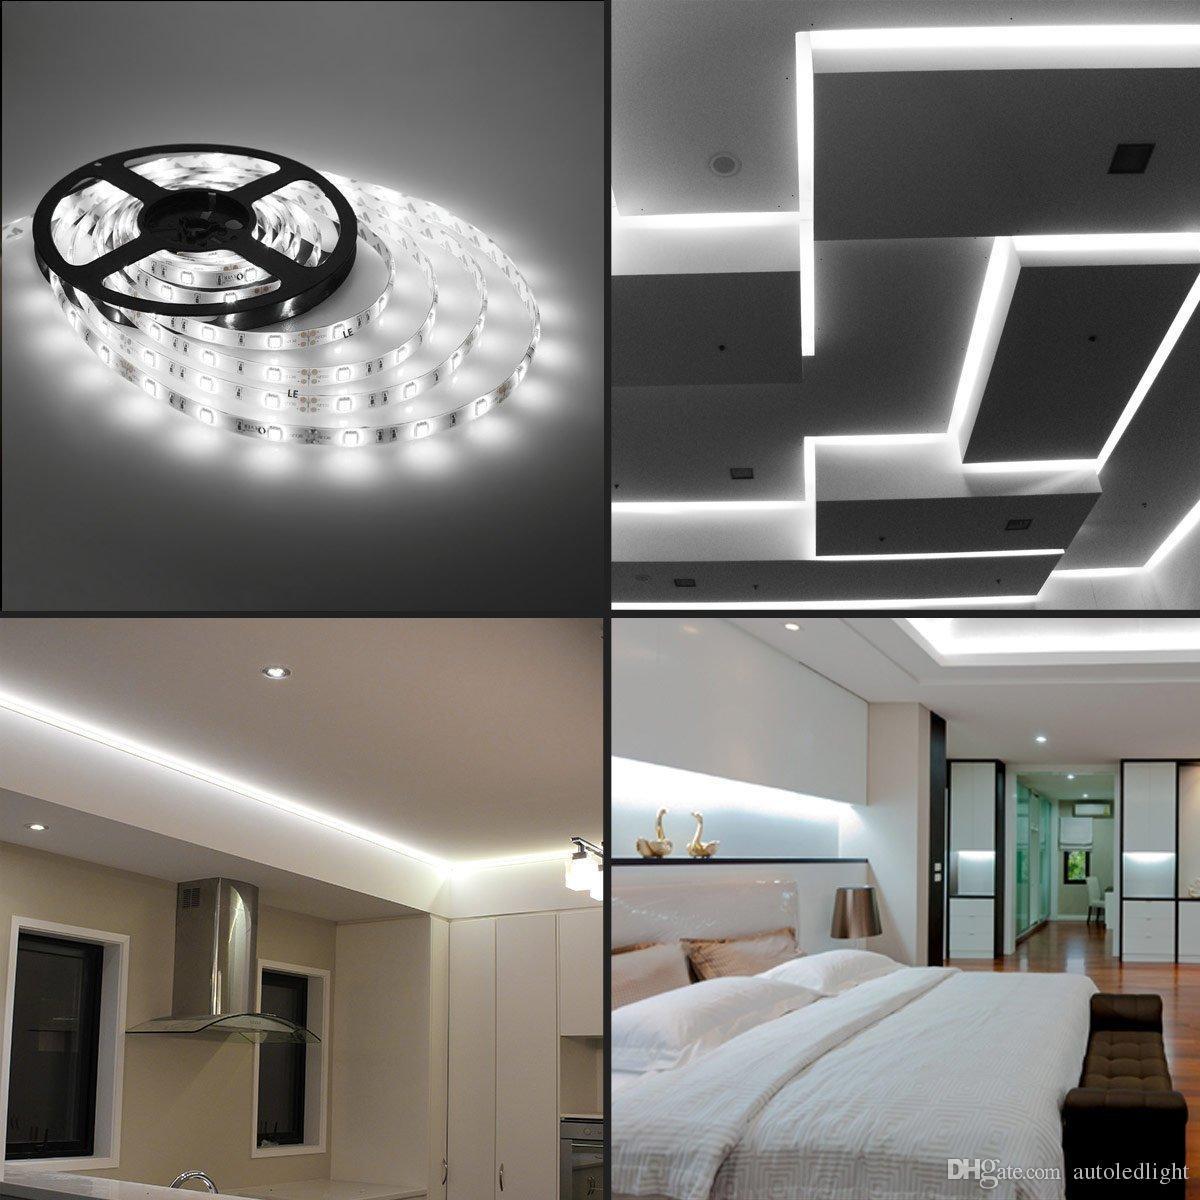 DC12V 5M 300LED IP65 IP20 no resistente al agua 5050 SMD RGB LED Tira de luz 3 líneas en 1 lámpara Cinta para iluminación del hogar